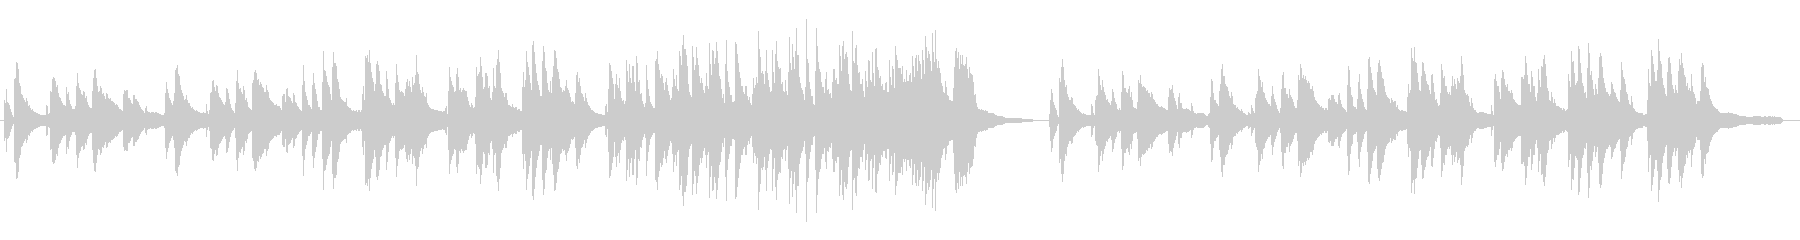 落ち着いたバーのピアノBGMの未再生の波形